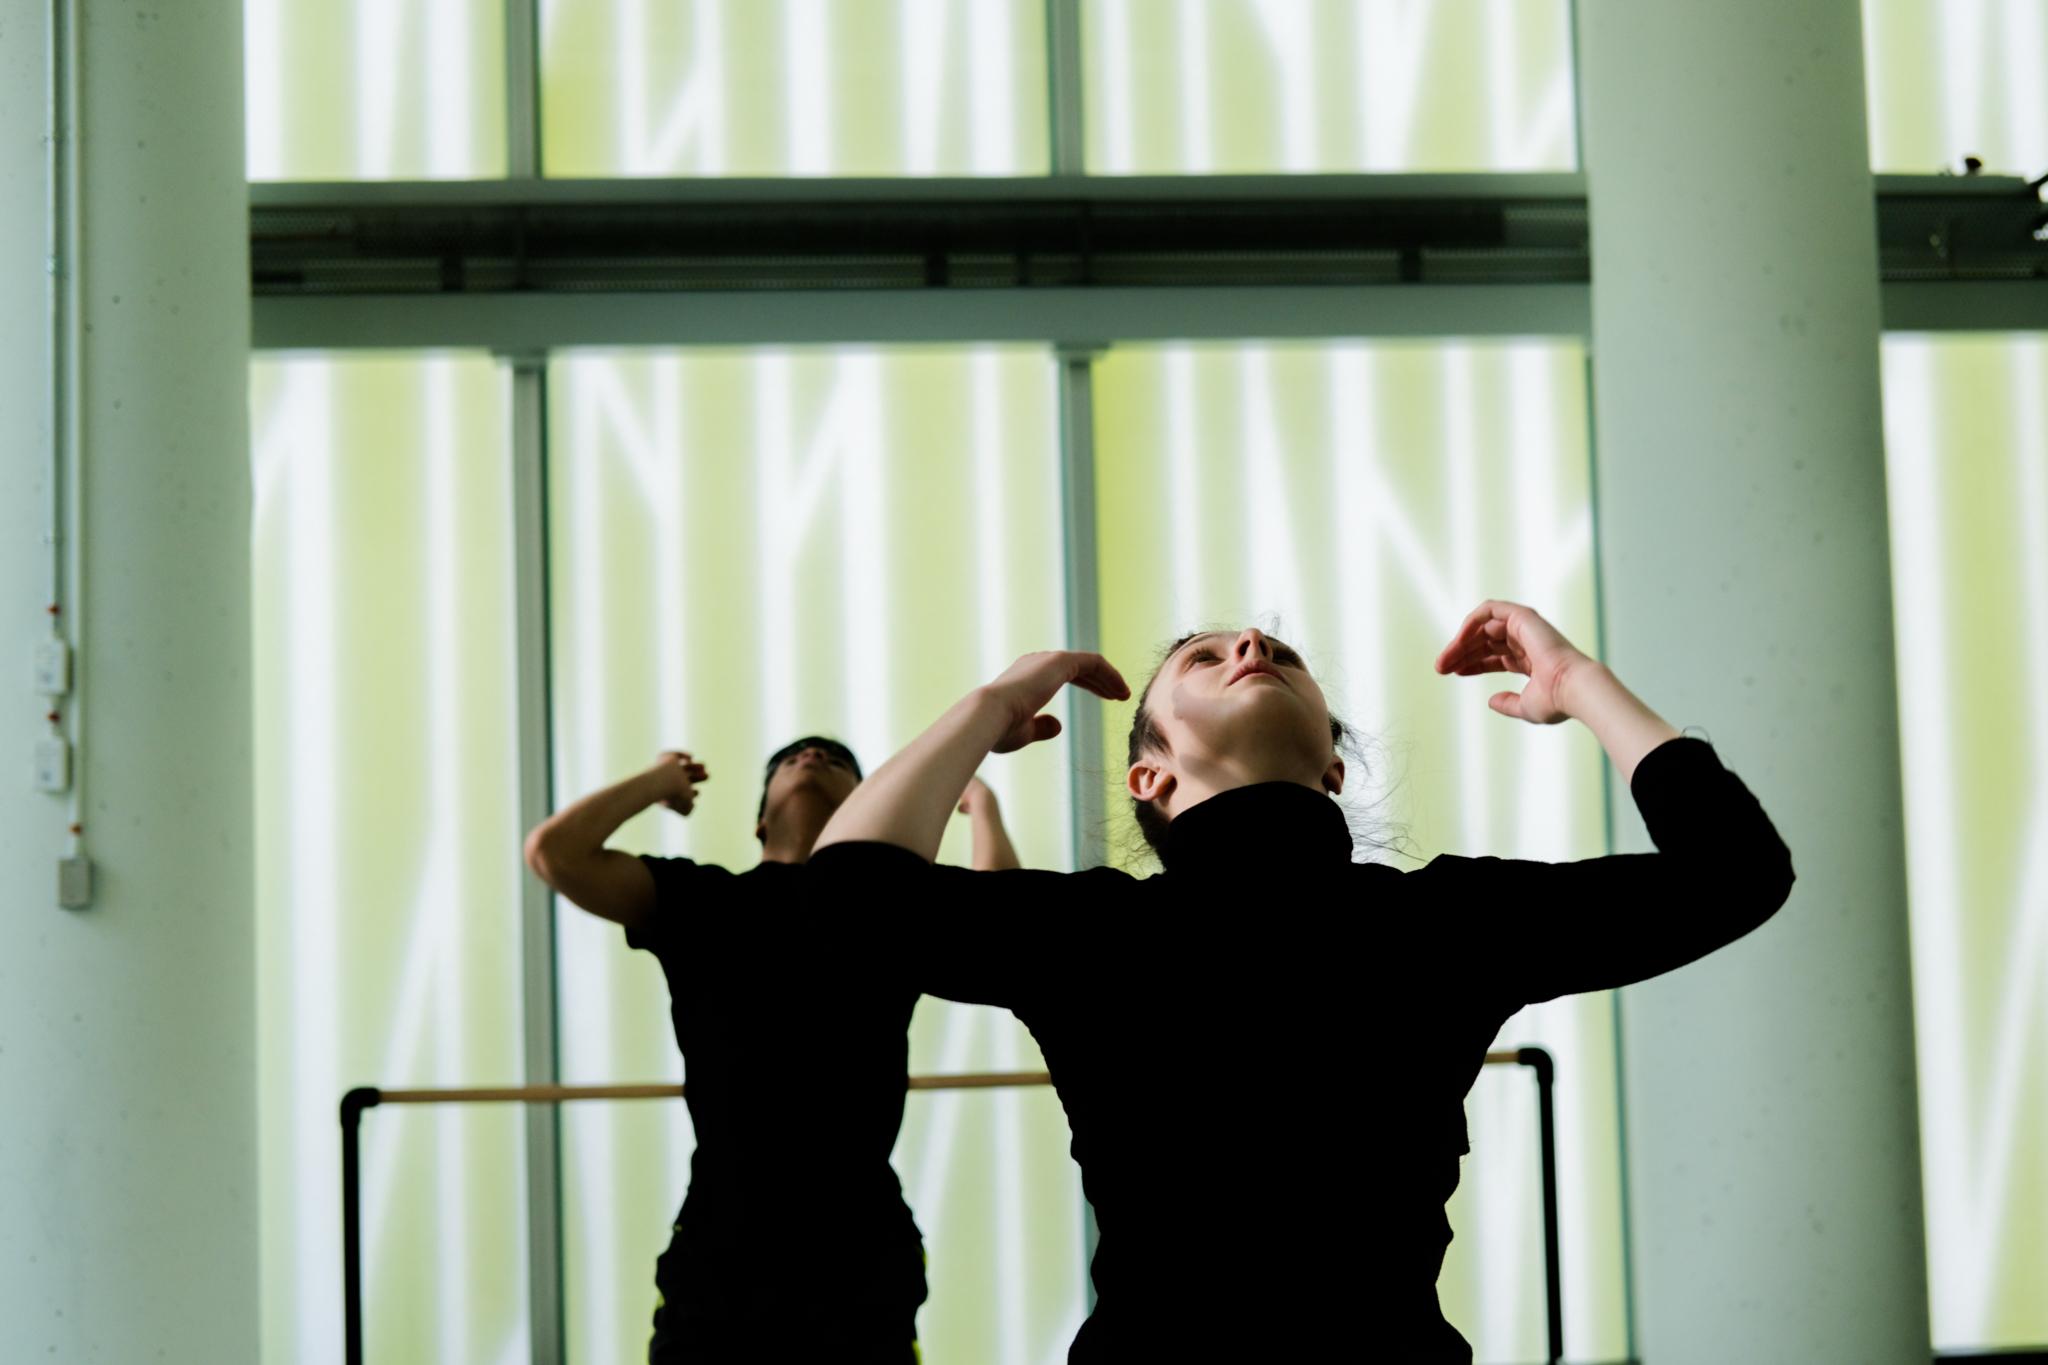 École de Danse Contemporaine de Montréal à Montréal: STUDIO Photo: Adéral Piot Dancers: Thibault Rajaofetra, Angélique Delorme